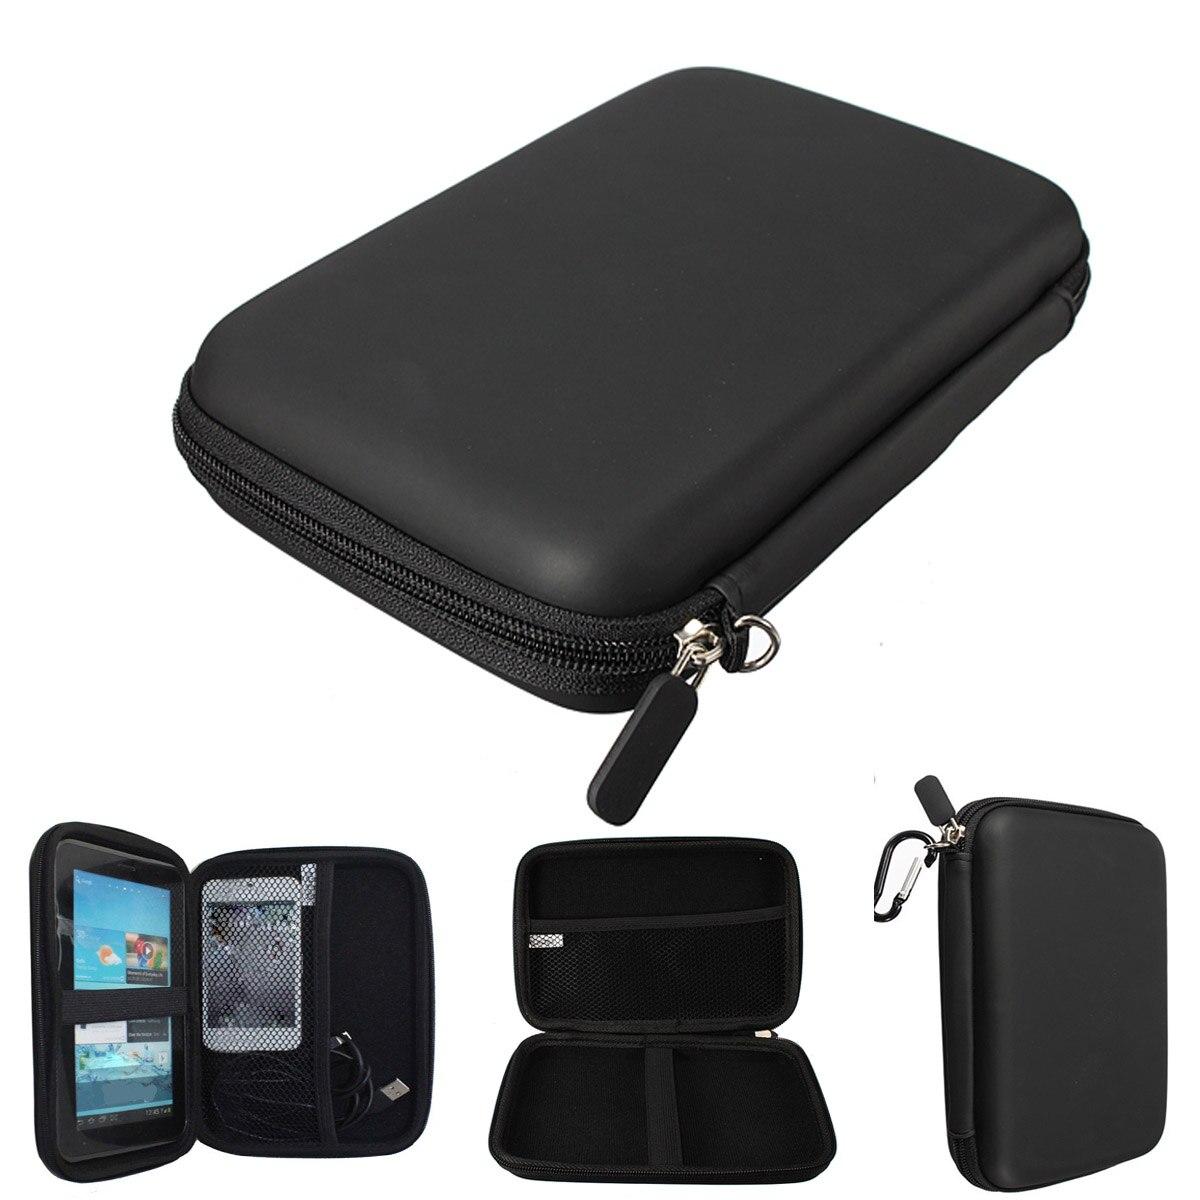 Navegación GPS protección Paquetes Disco Duro HDD Tablets bolsa pu duro Conchas carry case cubierta de la bolsa protector 7 pulgadas